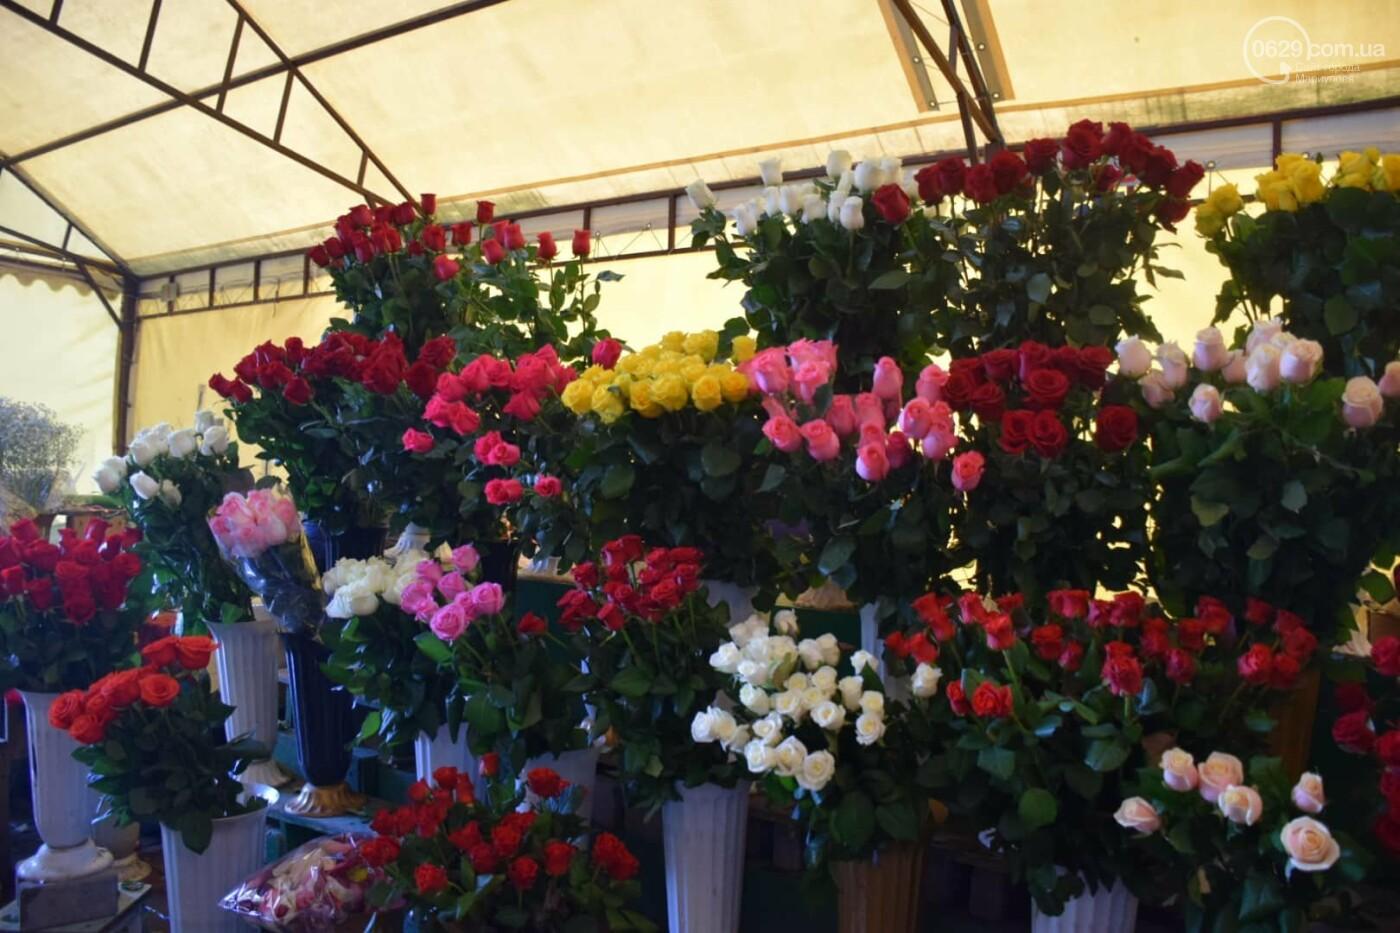 День Святого Валентина в Мариуполе: цветы, шары и мужчины-романтики, - ФОТОРЕПОРТАЖ, фото-12